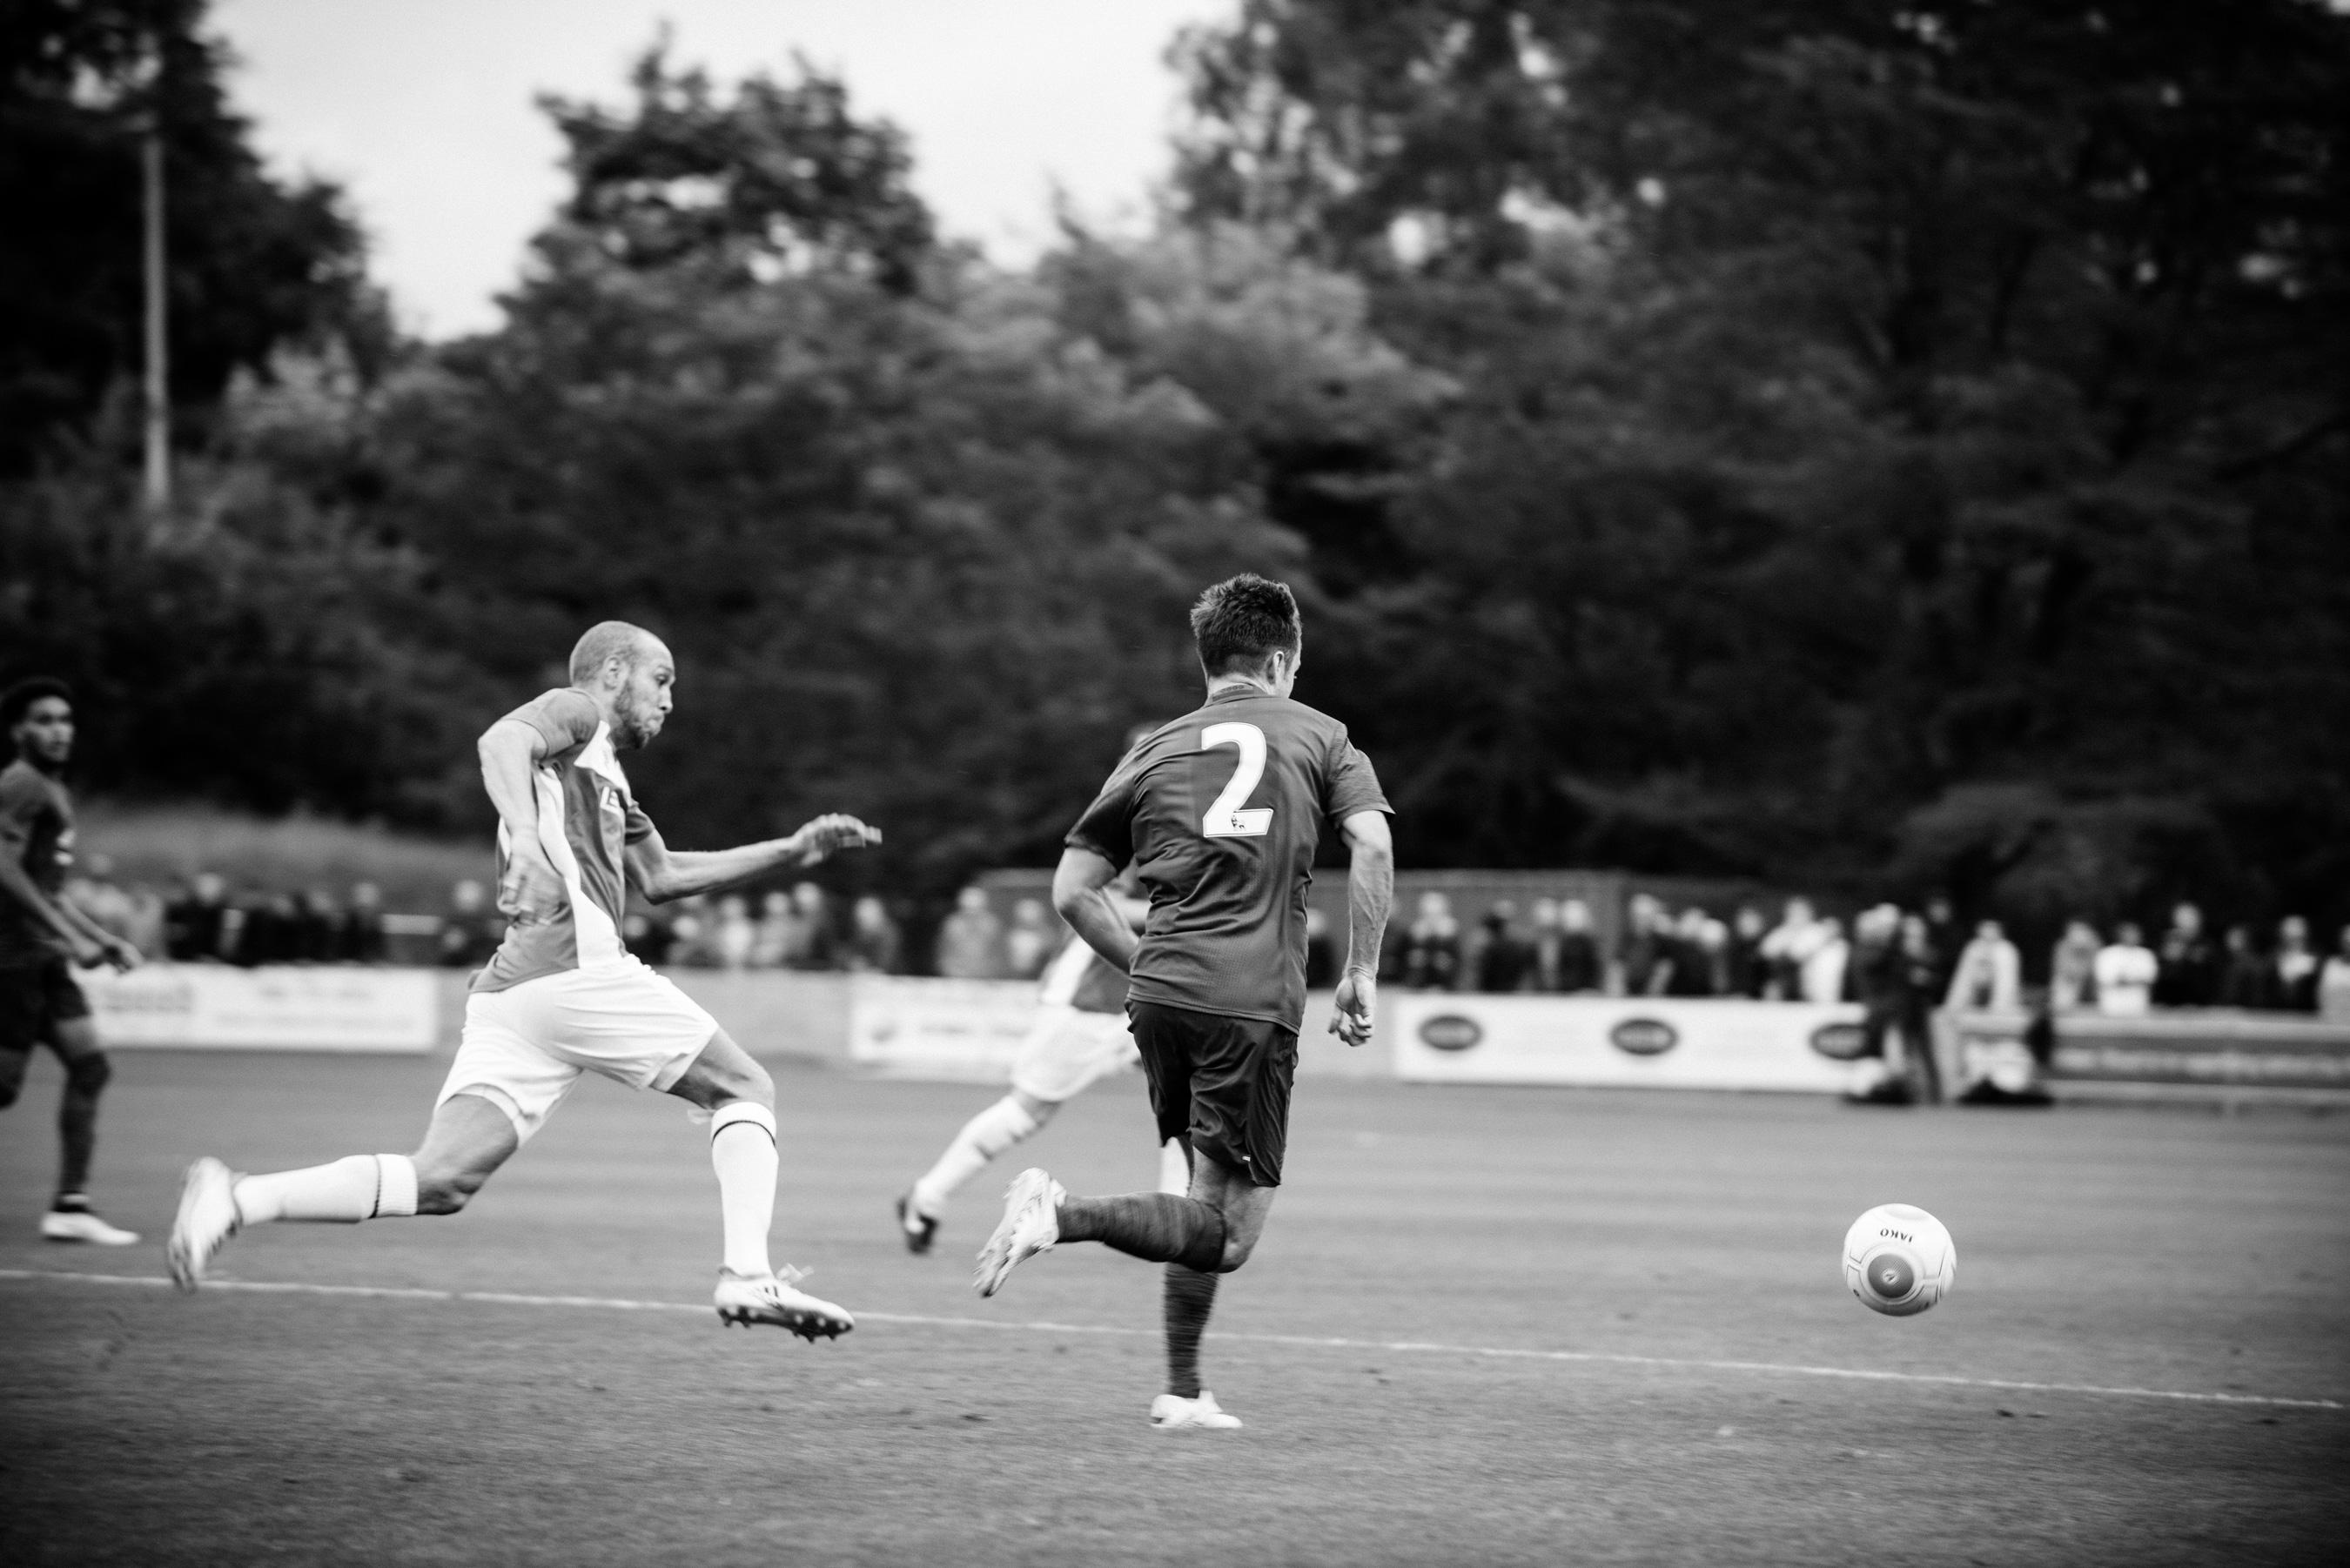 matt-stansfield-salford-city-soccer_4779